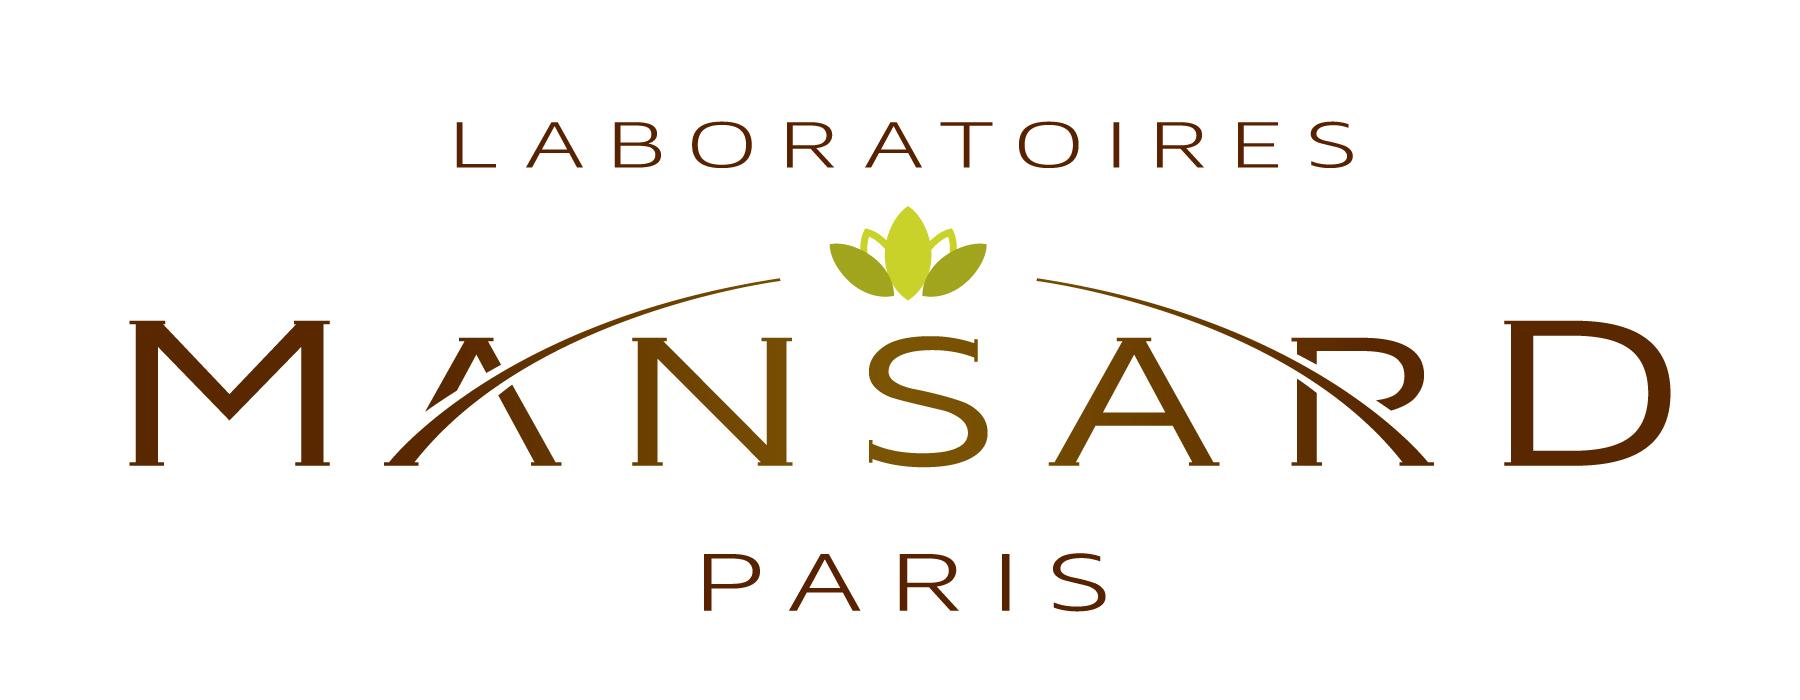 Mansard_Logo